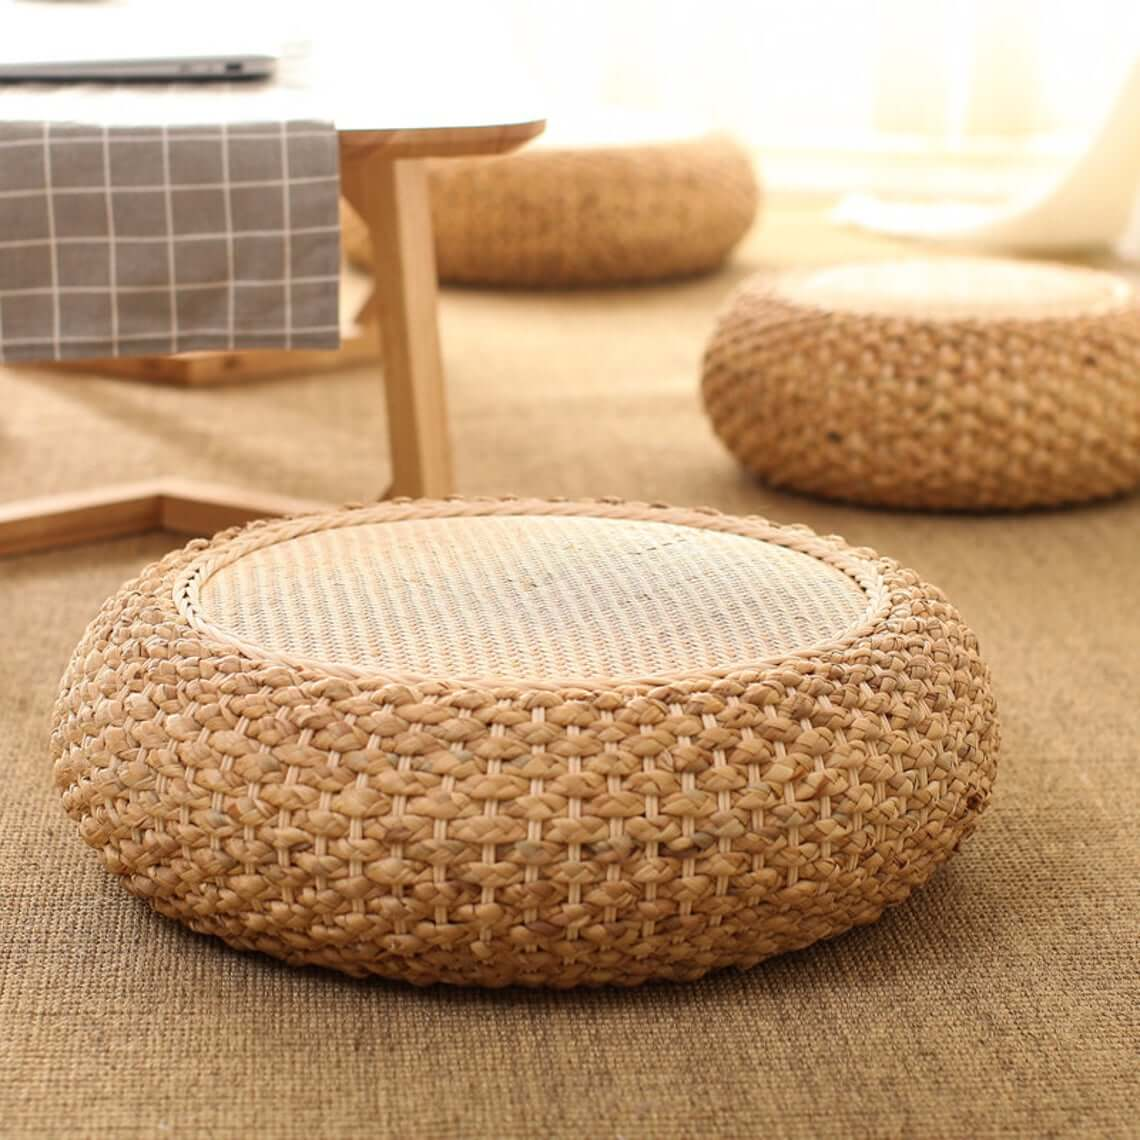 Rustic Zafu Zabuton Floor Cushion Ottoman